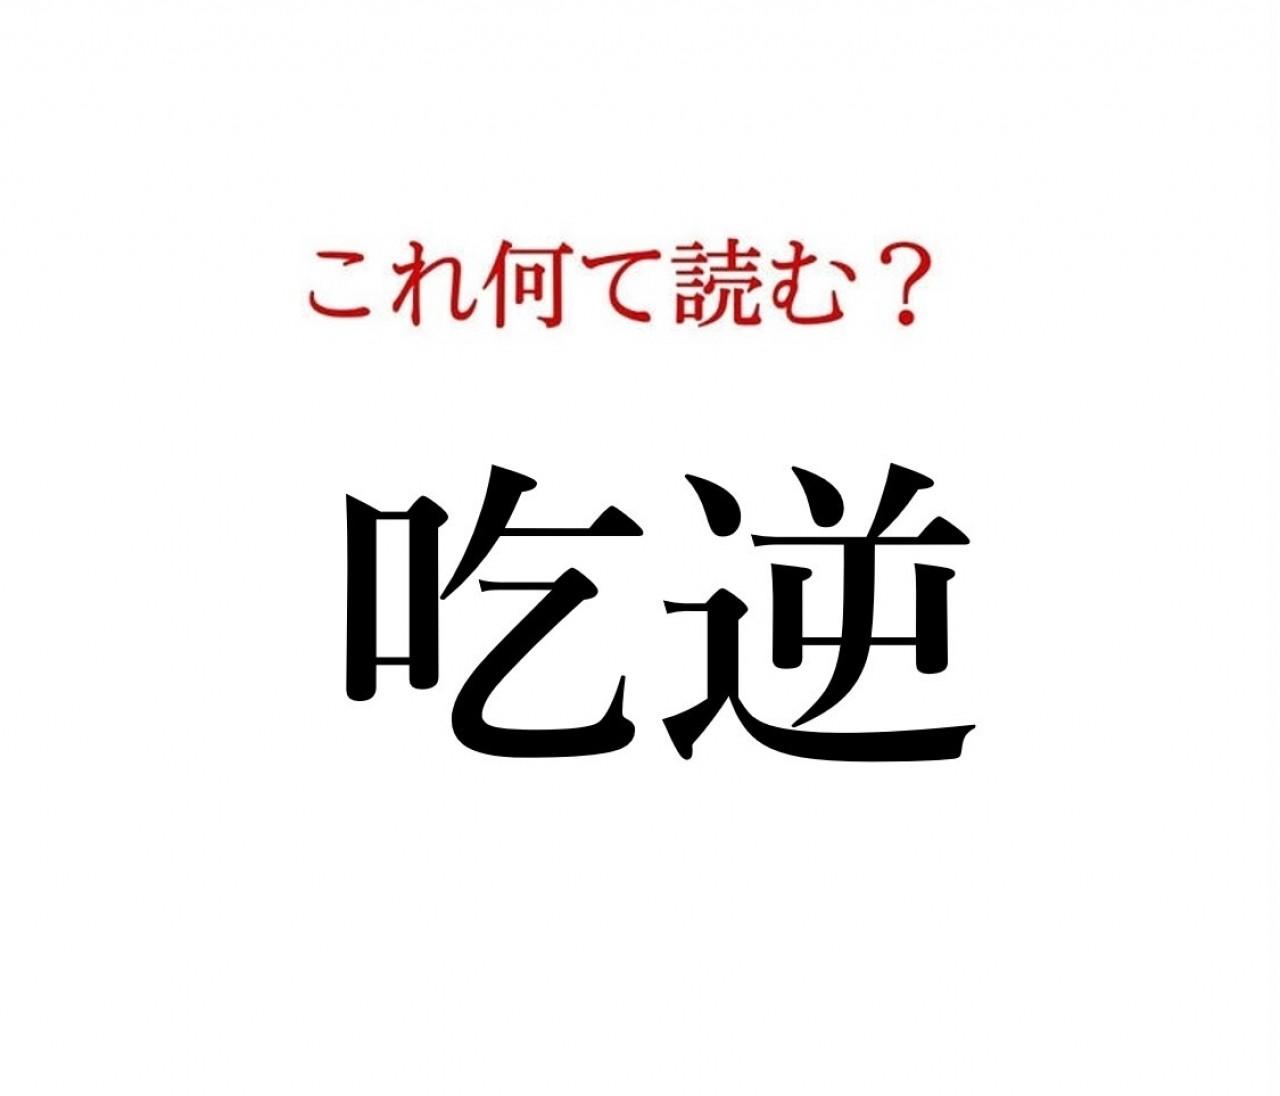 「吃逆」:この漢字、自信を持って読めますか?【働く大人の漢字クイズvol.313】